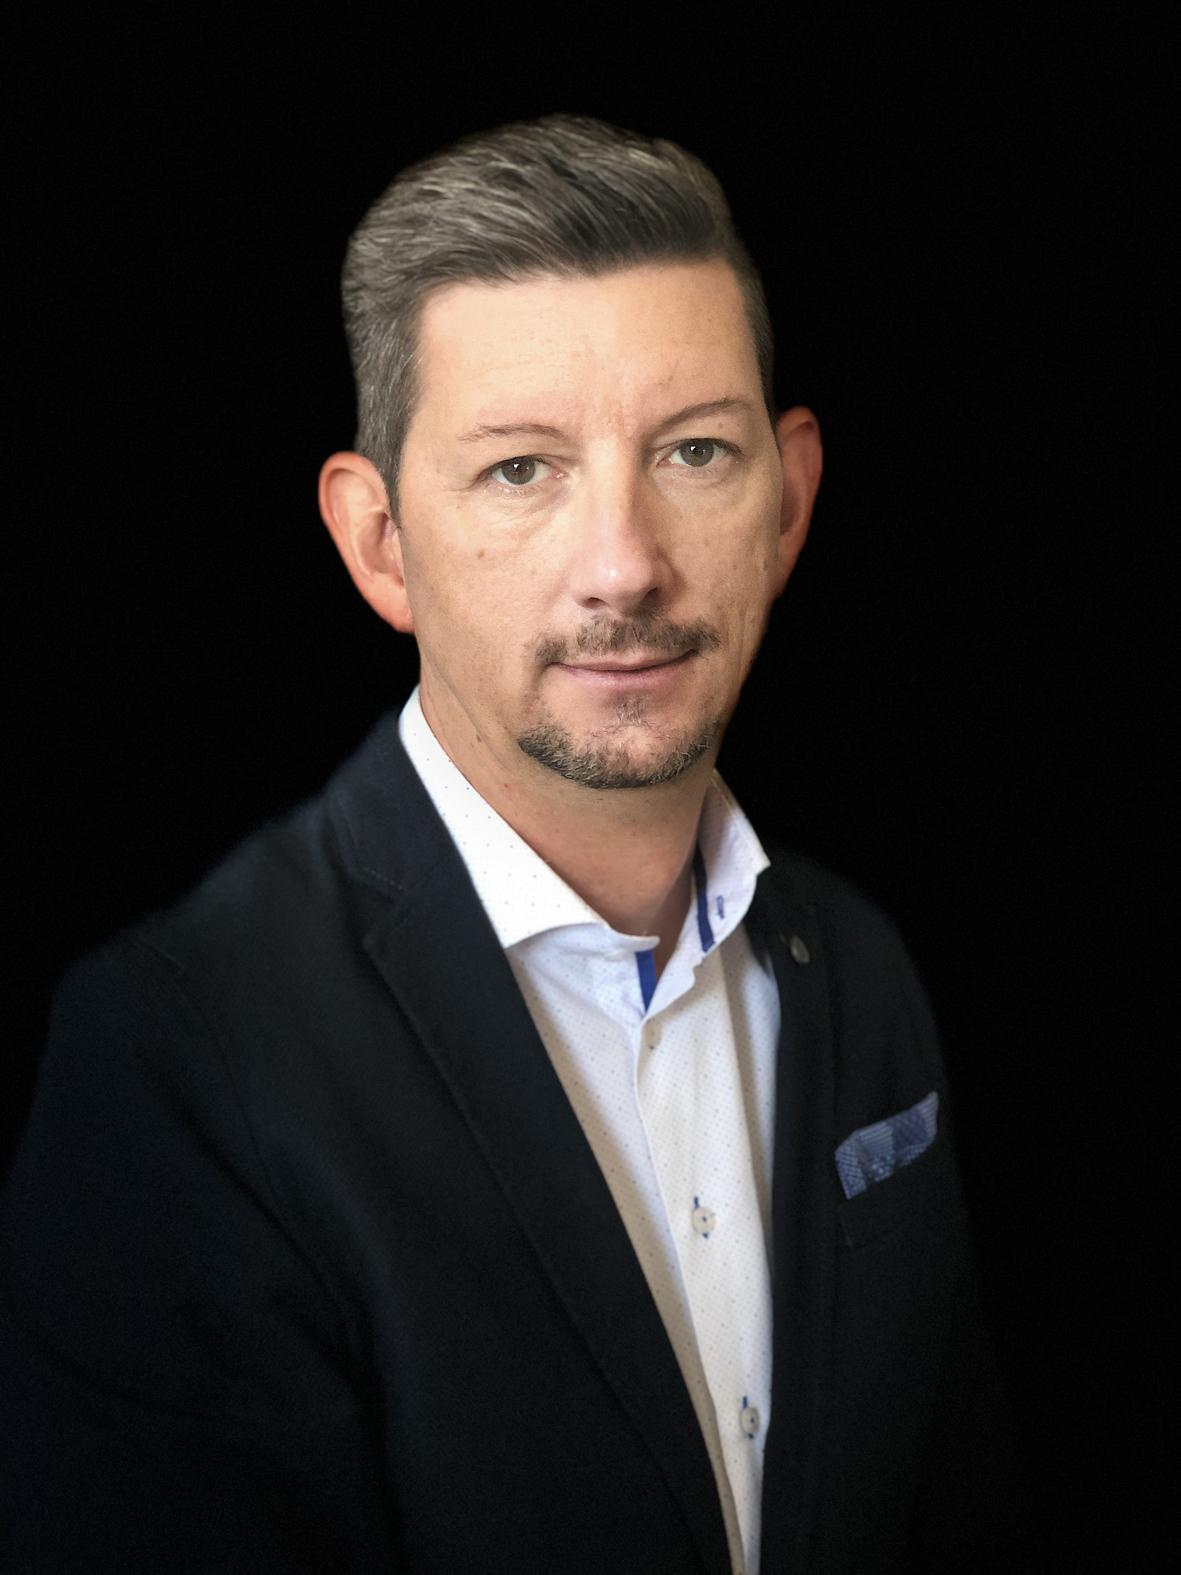 Martin Kusatz ist Geschäftsführer der Digital Vehicle Scan GmbH & Co. KG